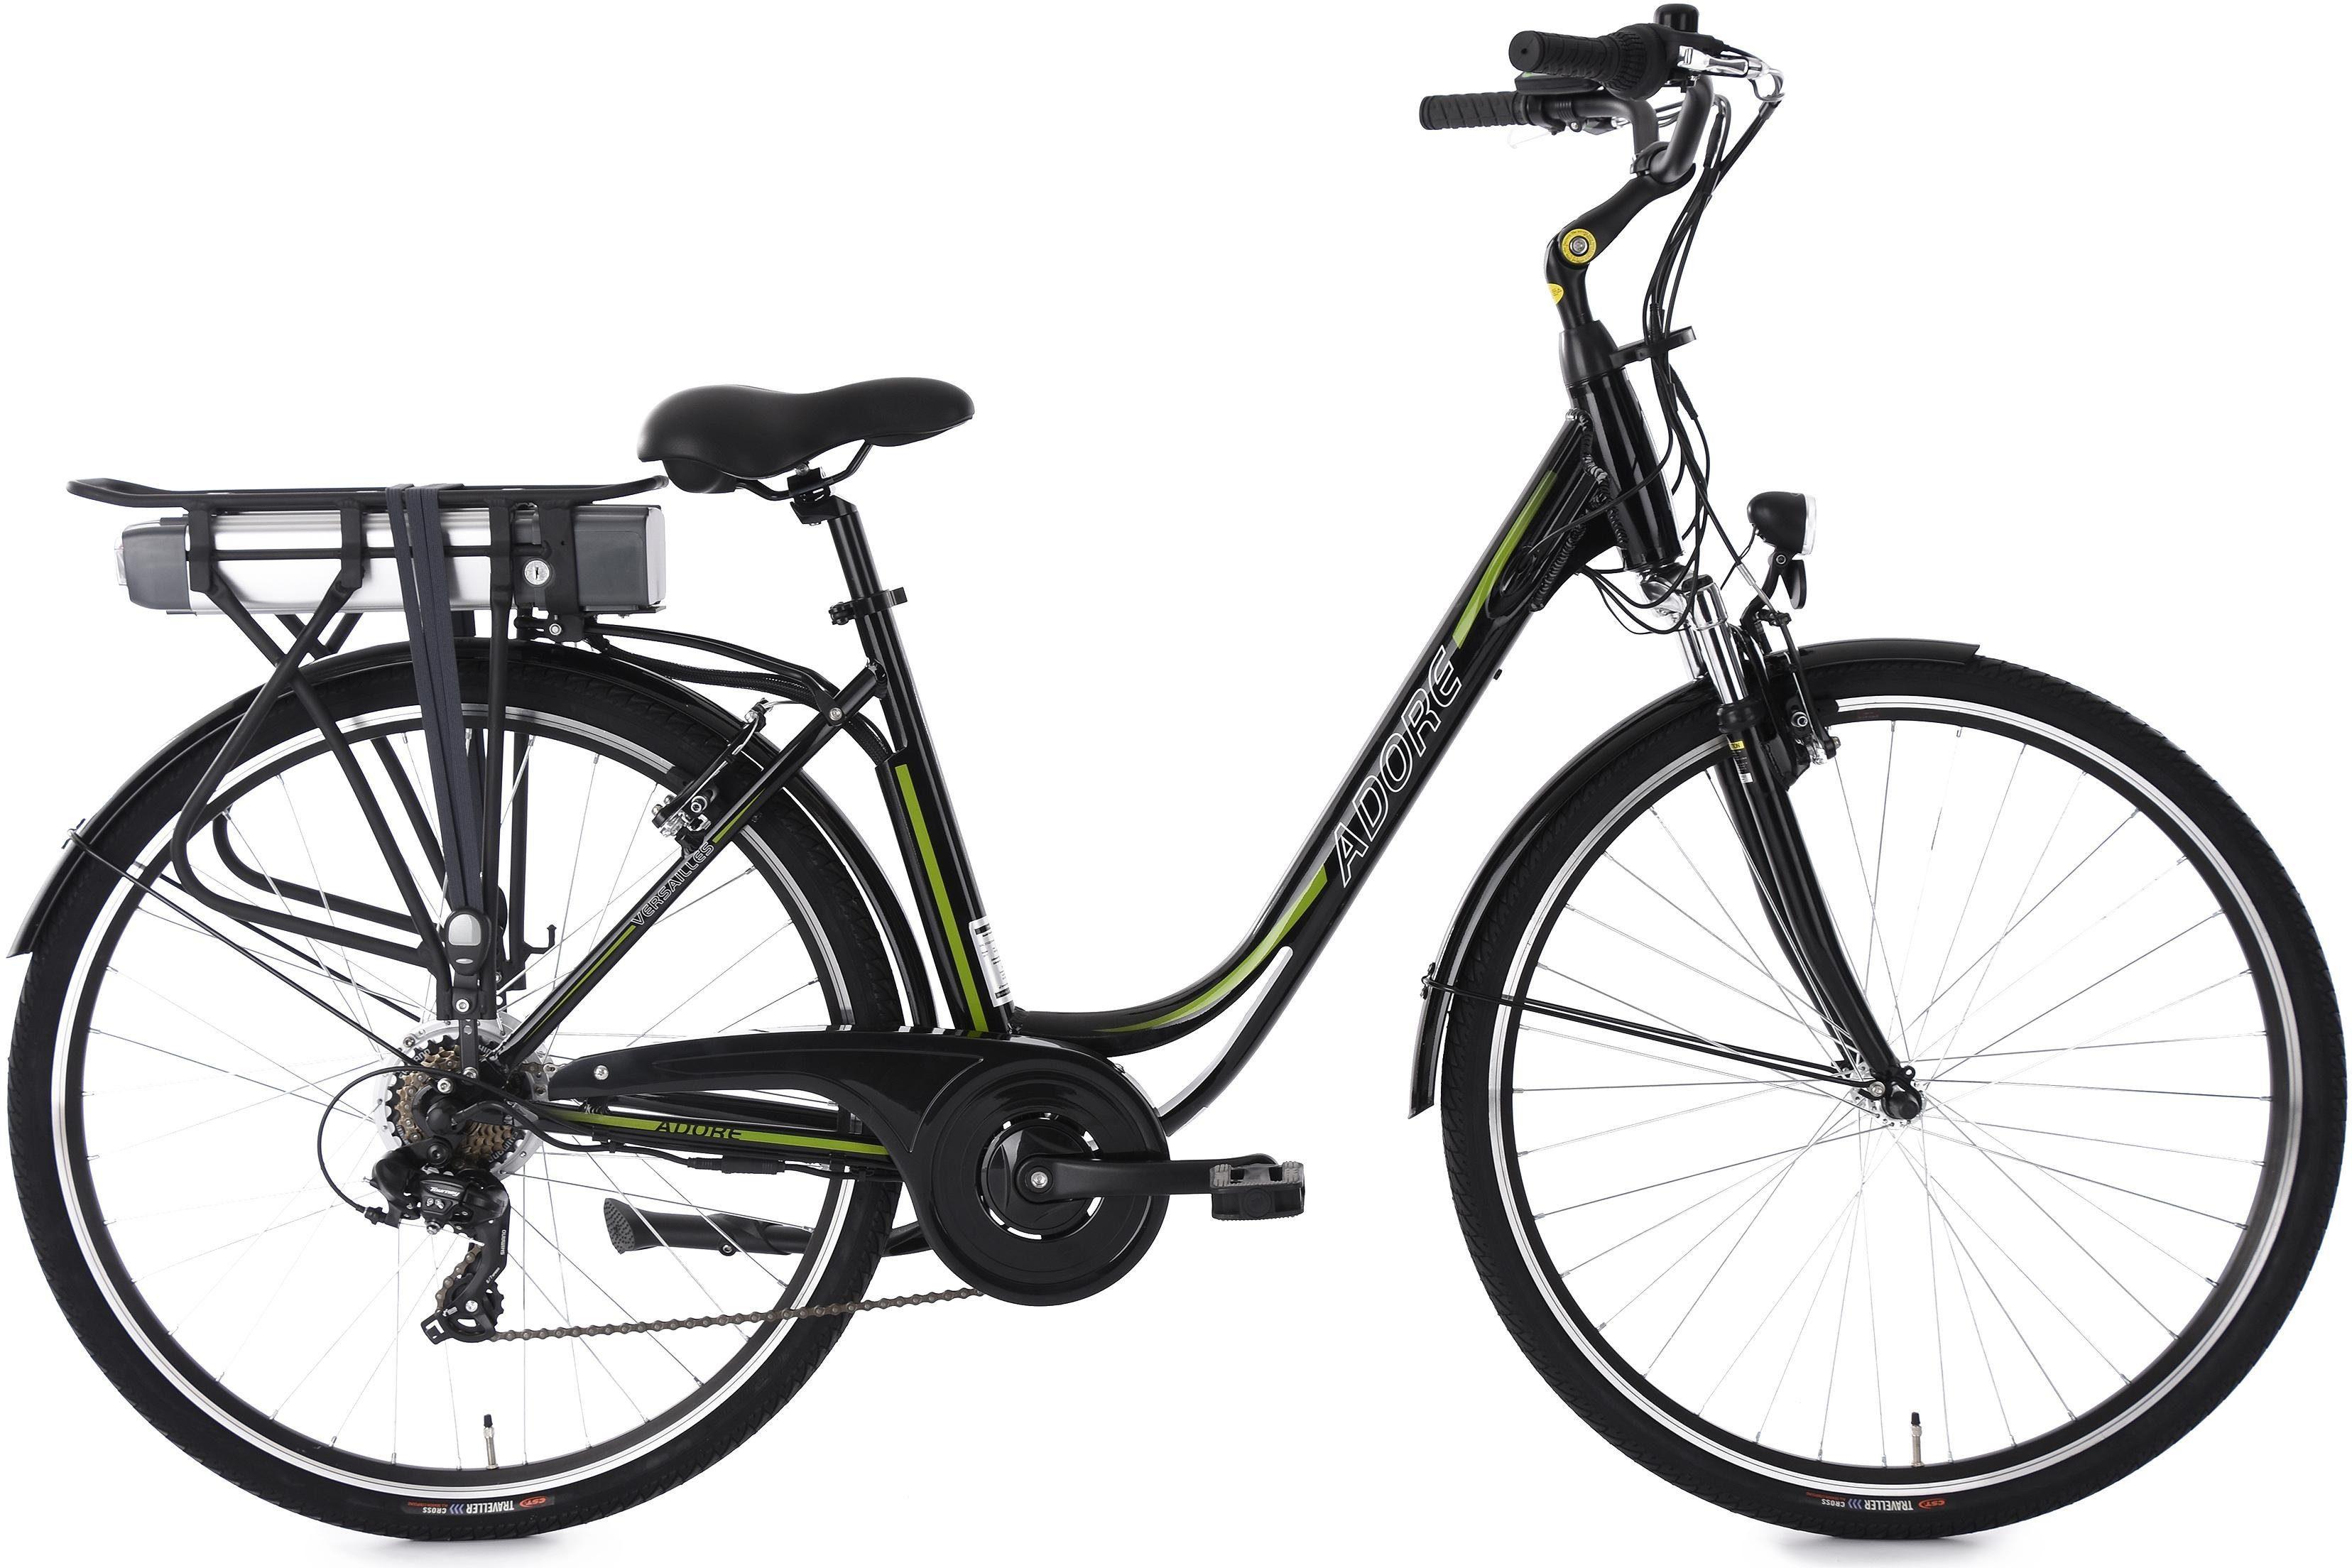 Adore Damen-E-Bike City, 28 Zoll, 7 Gänge, 250 Watt Li-Ion, 36V/10,4 Ah, schwarz-grün, »Versailles«